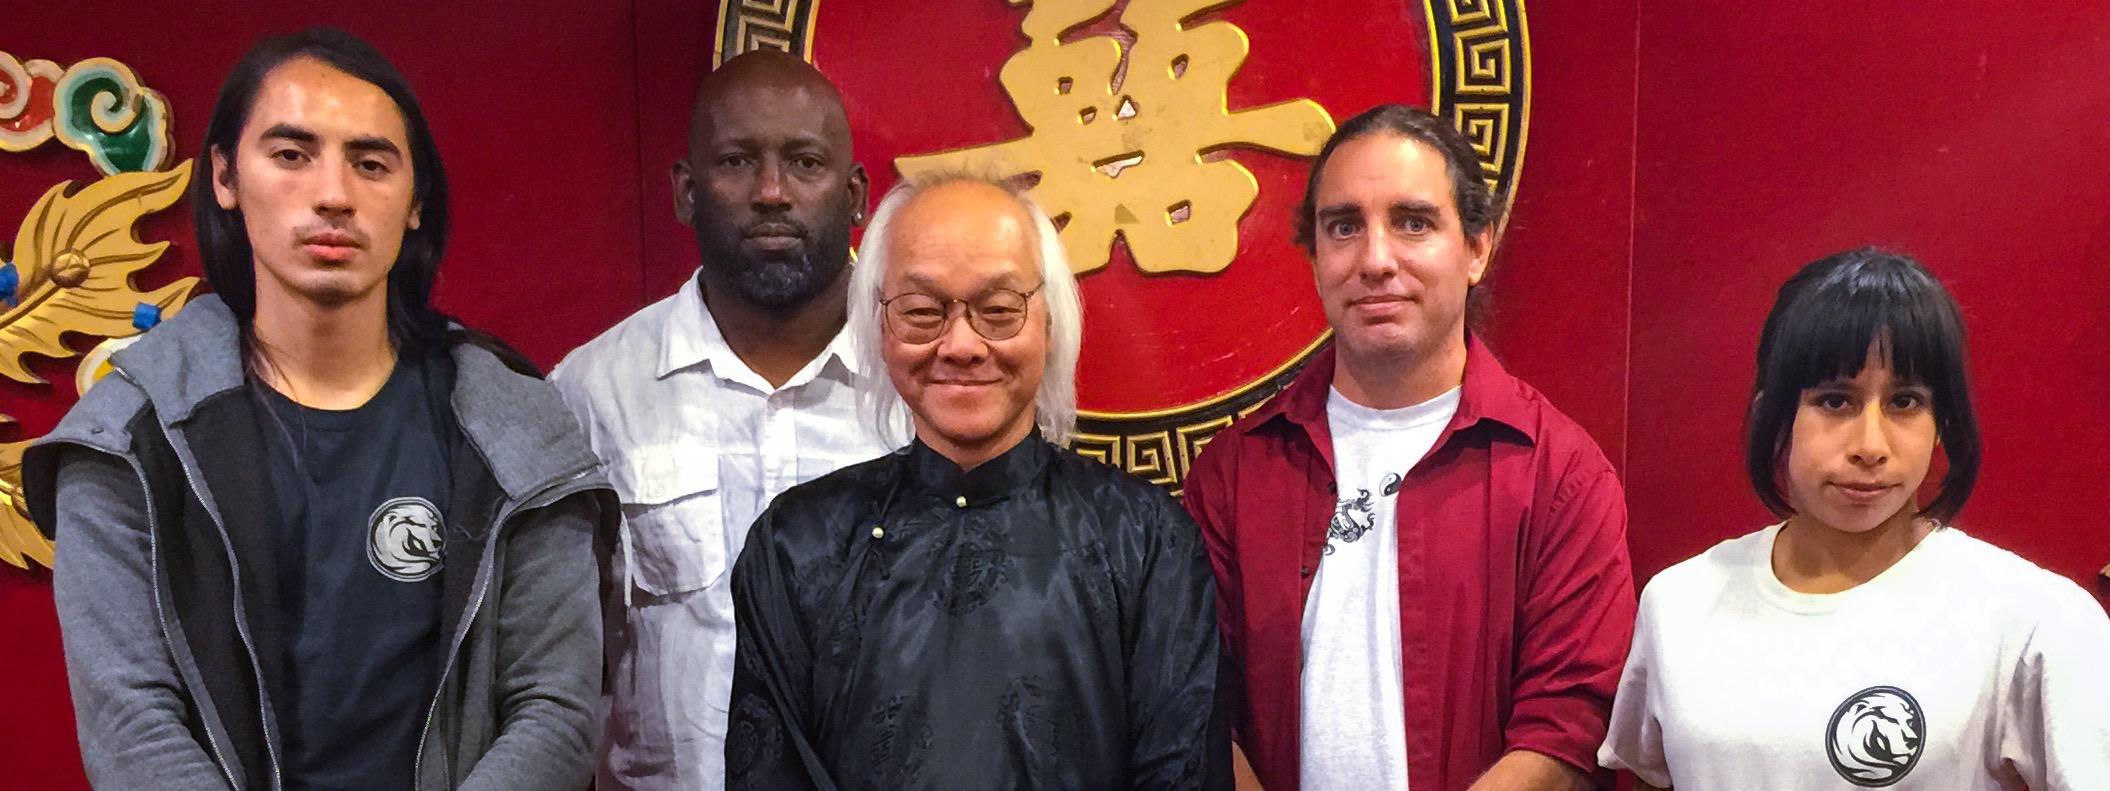 Christopher Chang, Master Robert Williams, Grand Master Seming Ma, Sifu Jeremy Hector, Claudia Camacho